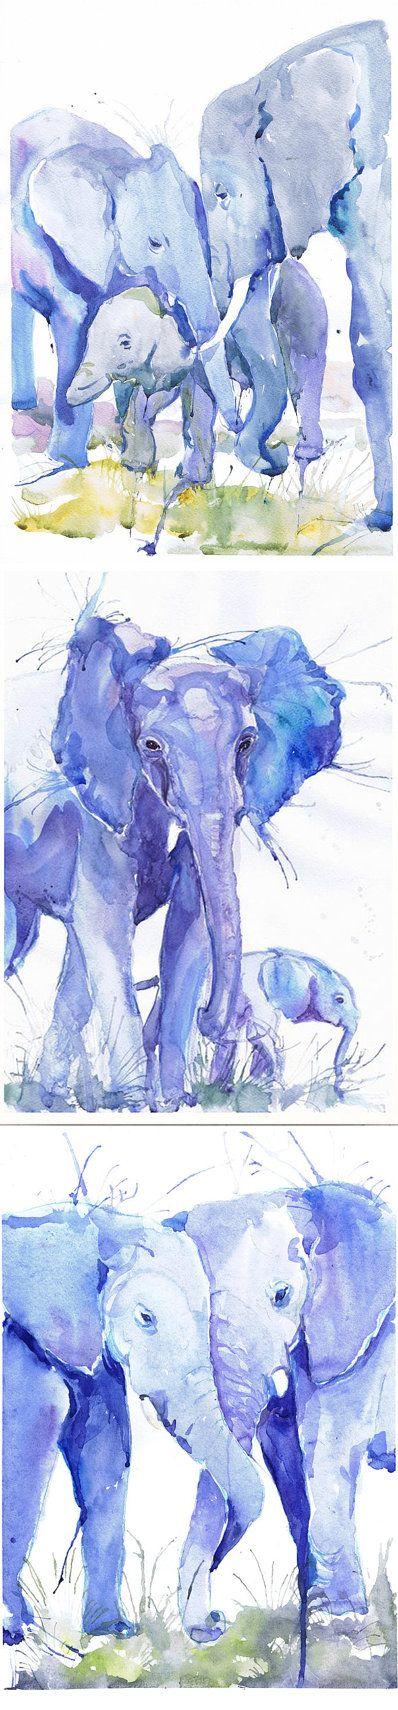 Olifant kunst olifant aquarel jongen kwekerij decor door ValrArt